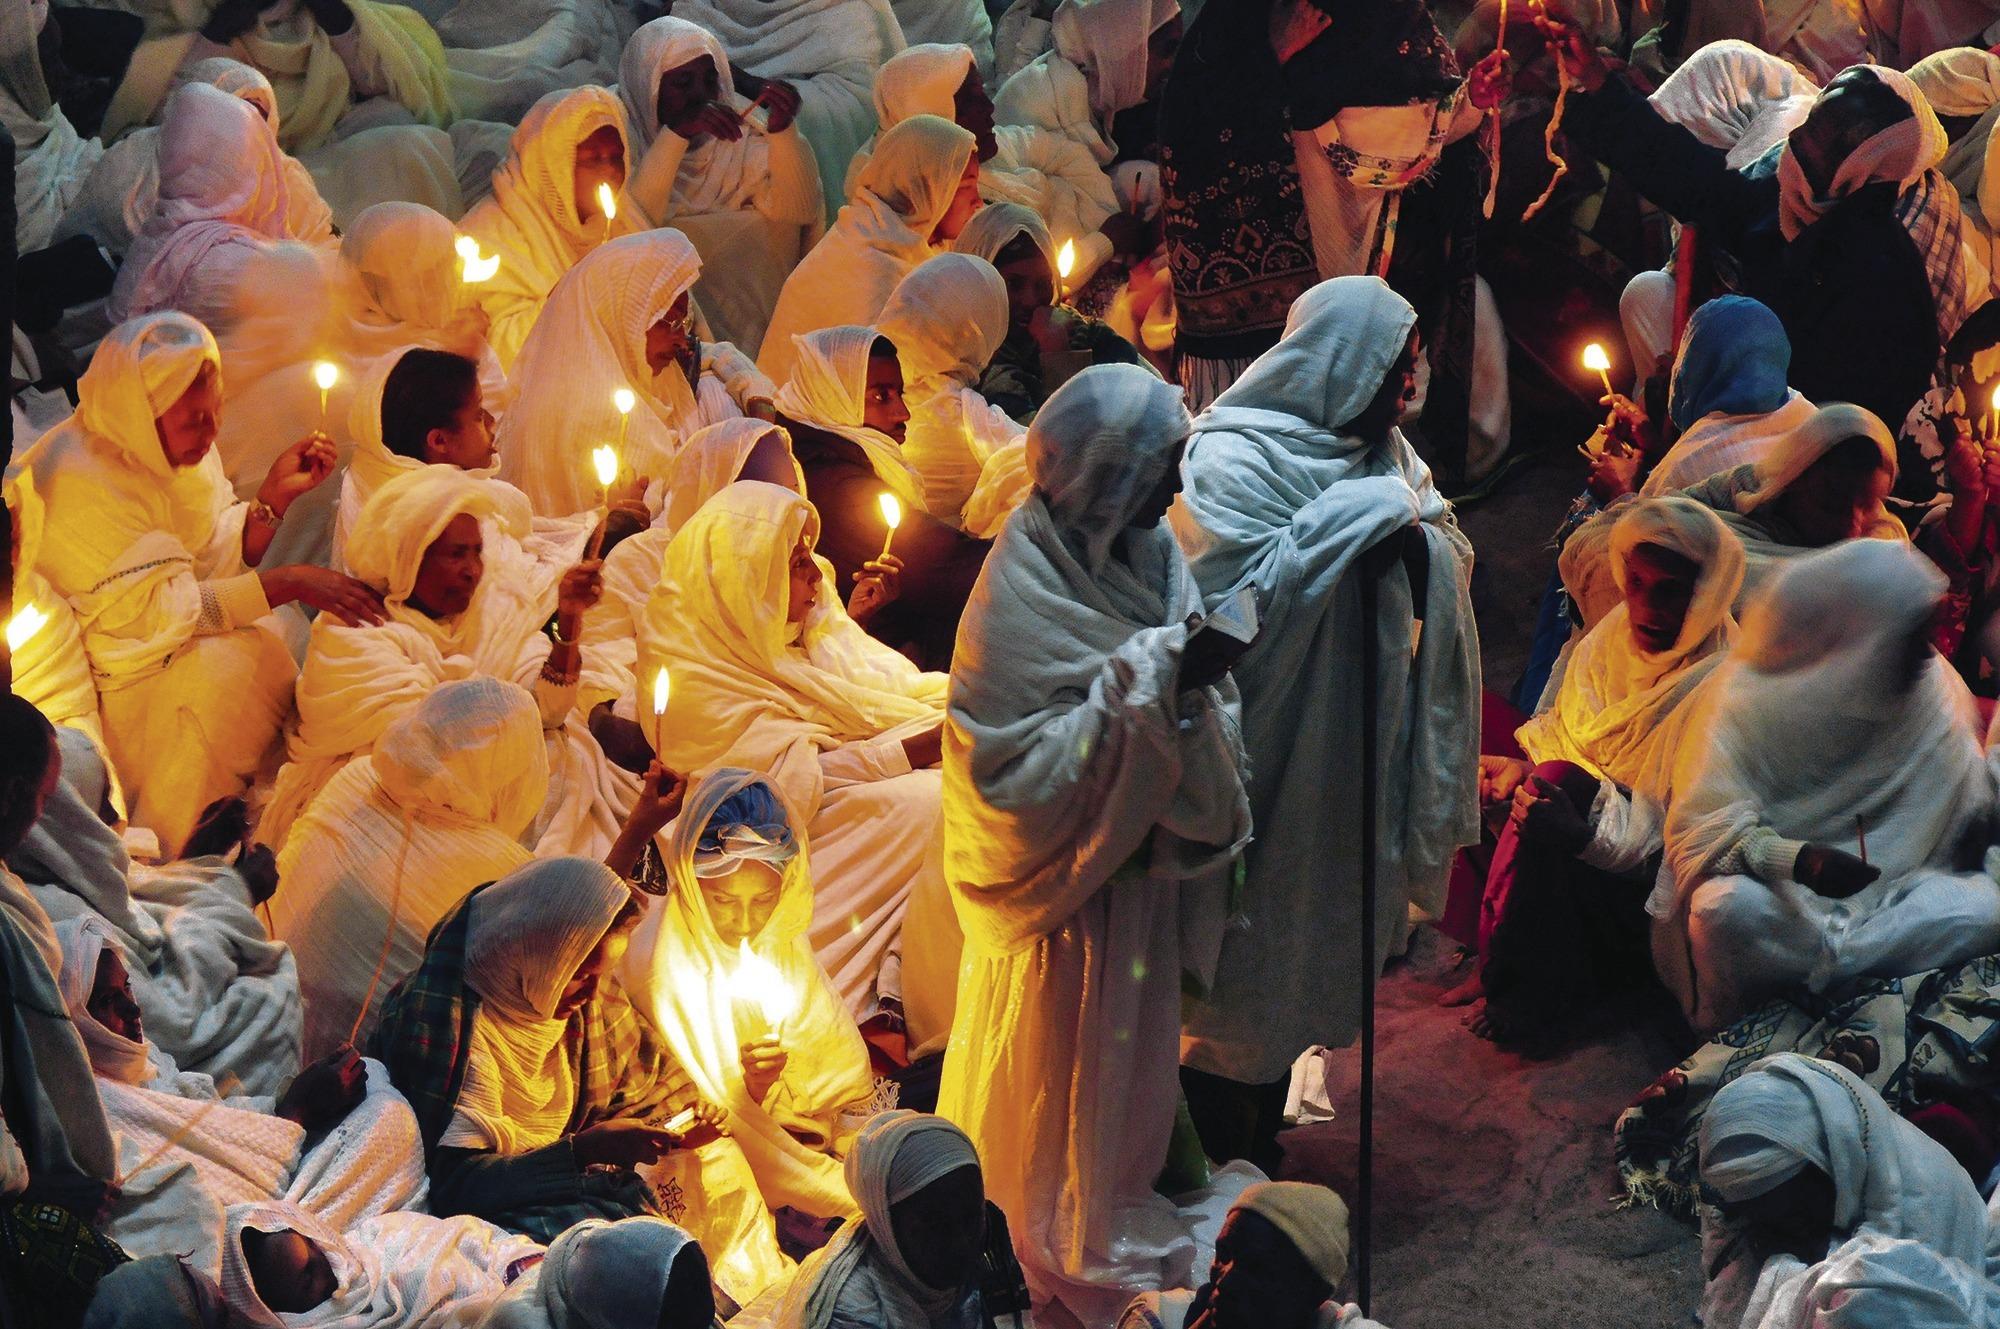 Weihnachten Im Christentum.äthiopien Wo Weihnachten Noch Ein Fest Des Glaubens Ist Reise